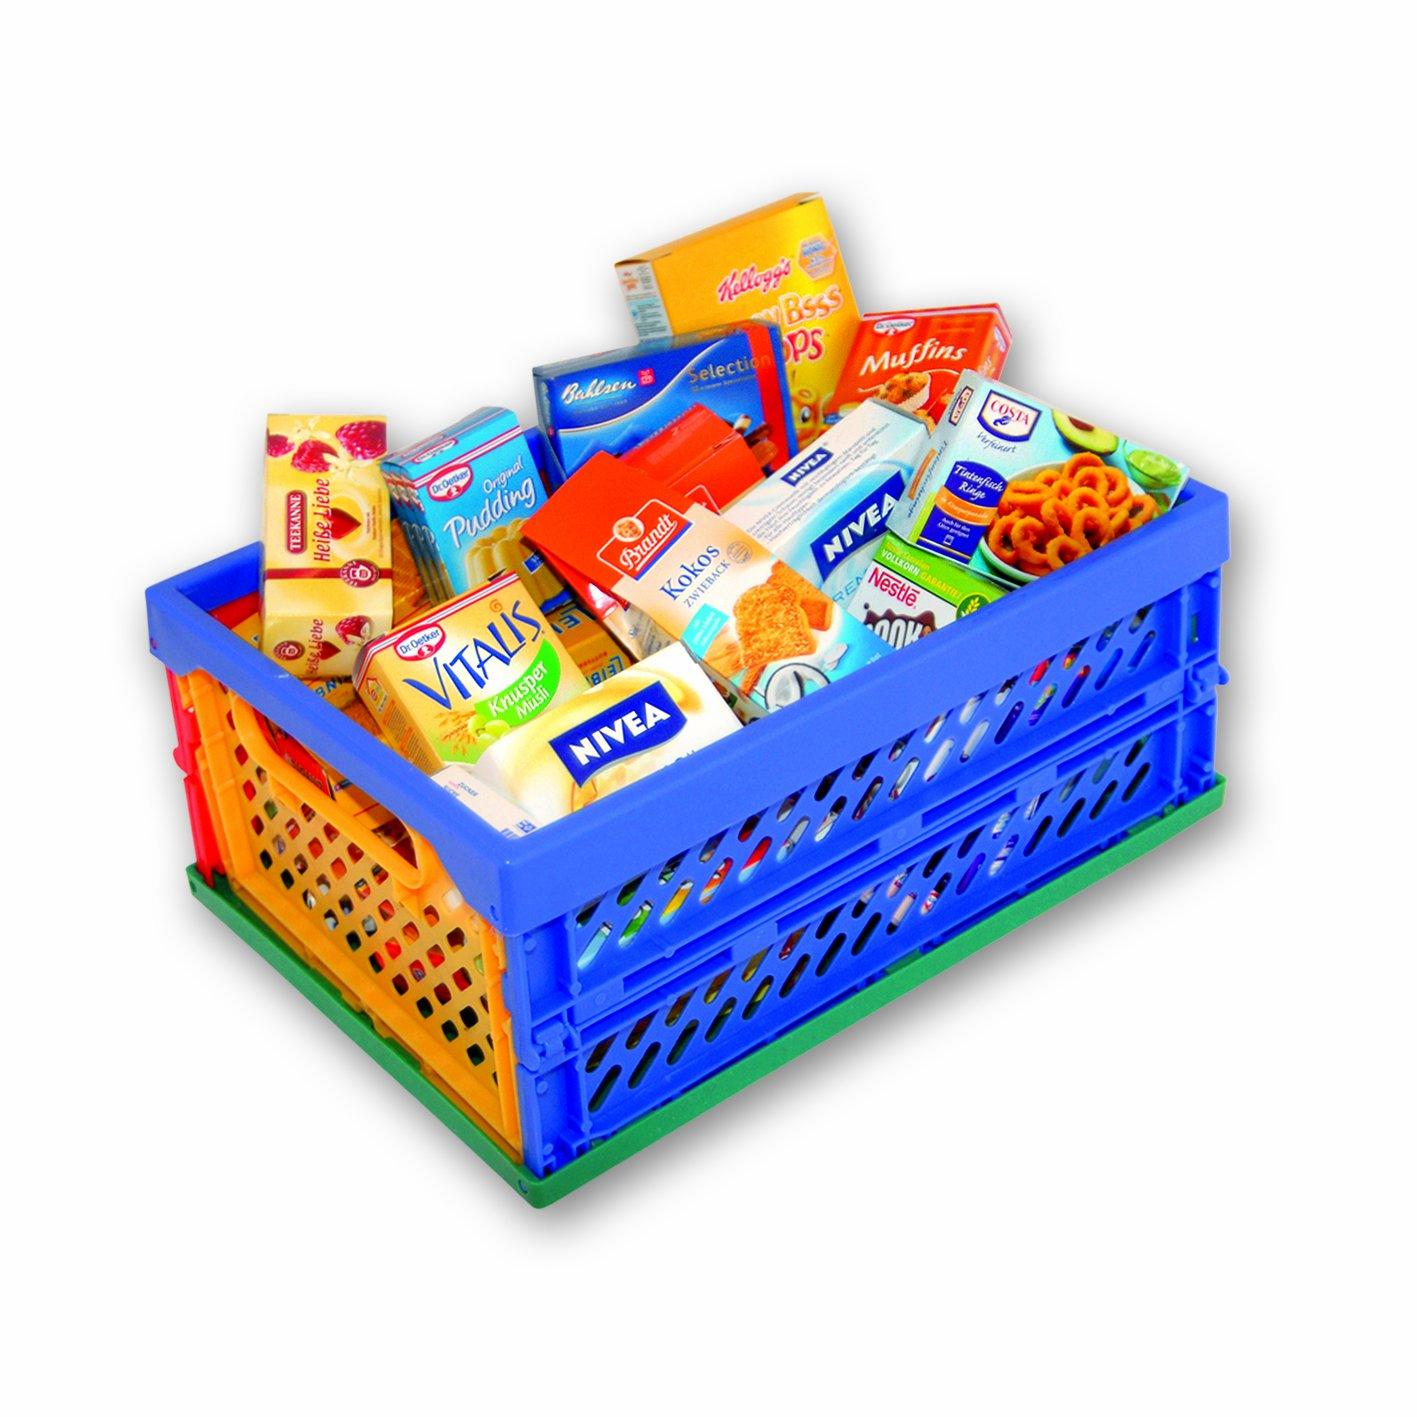 Tanner - Mini Klapp Box mit Kaufladenartikel